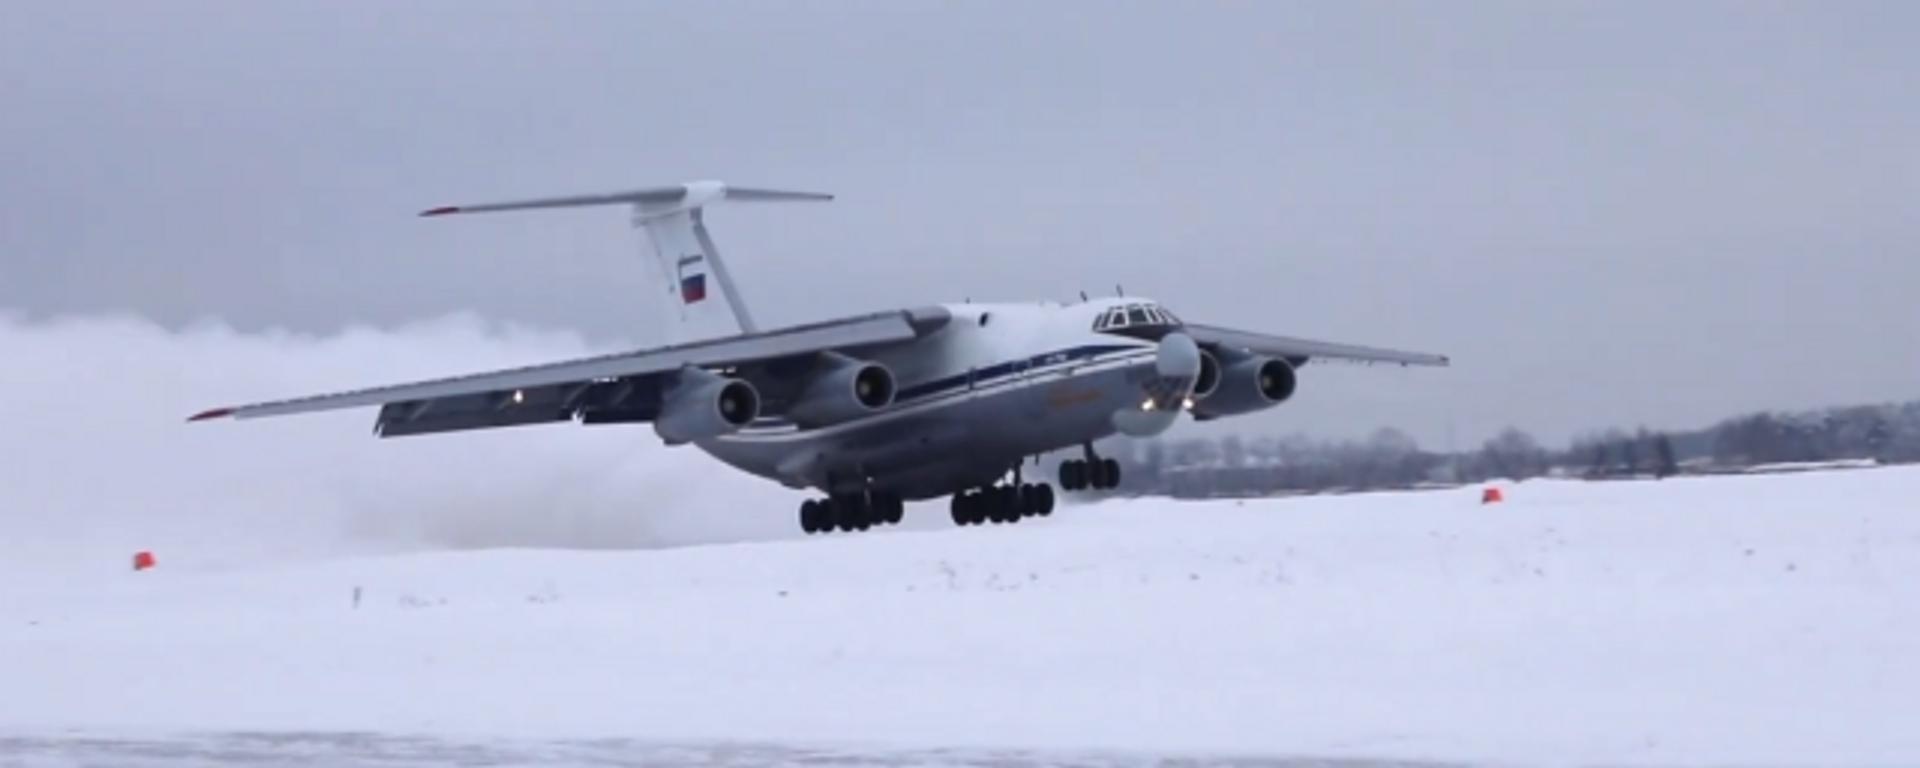 Pilotos rusos despegan y aterrizan unos IL-76 en una pista sin pavimentar cubierta de nieve - Sputnik Mundo, 1920, 02.03.2021